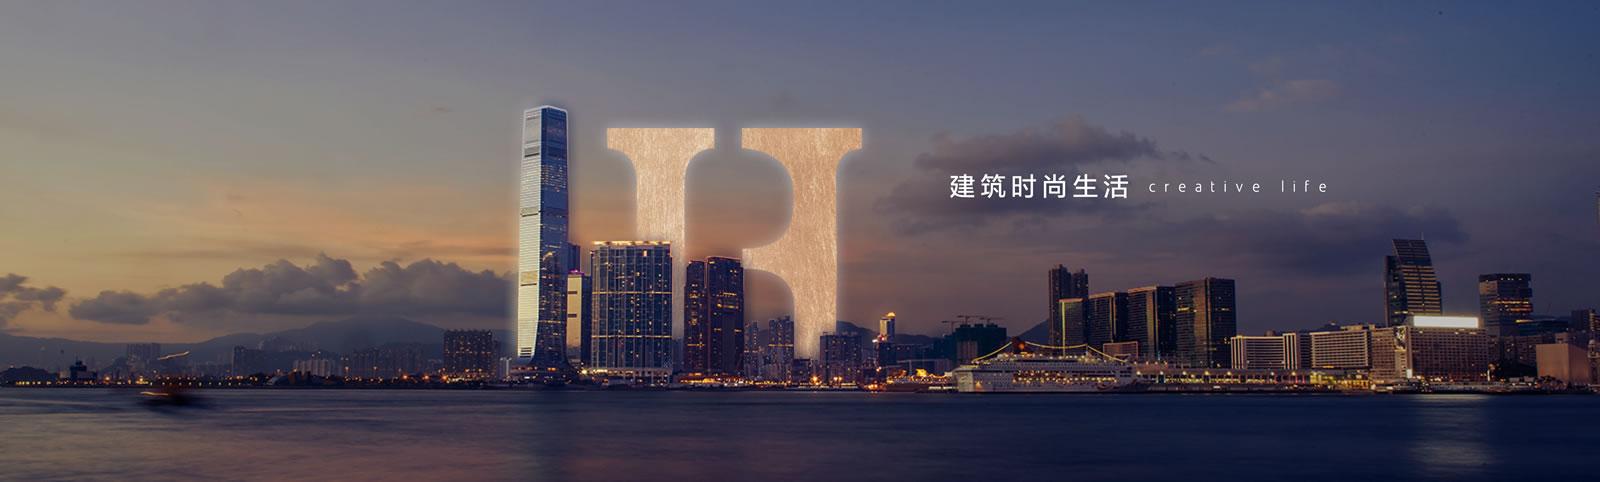 乐虎体育直播app官网首页